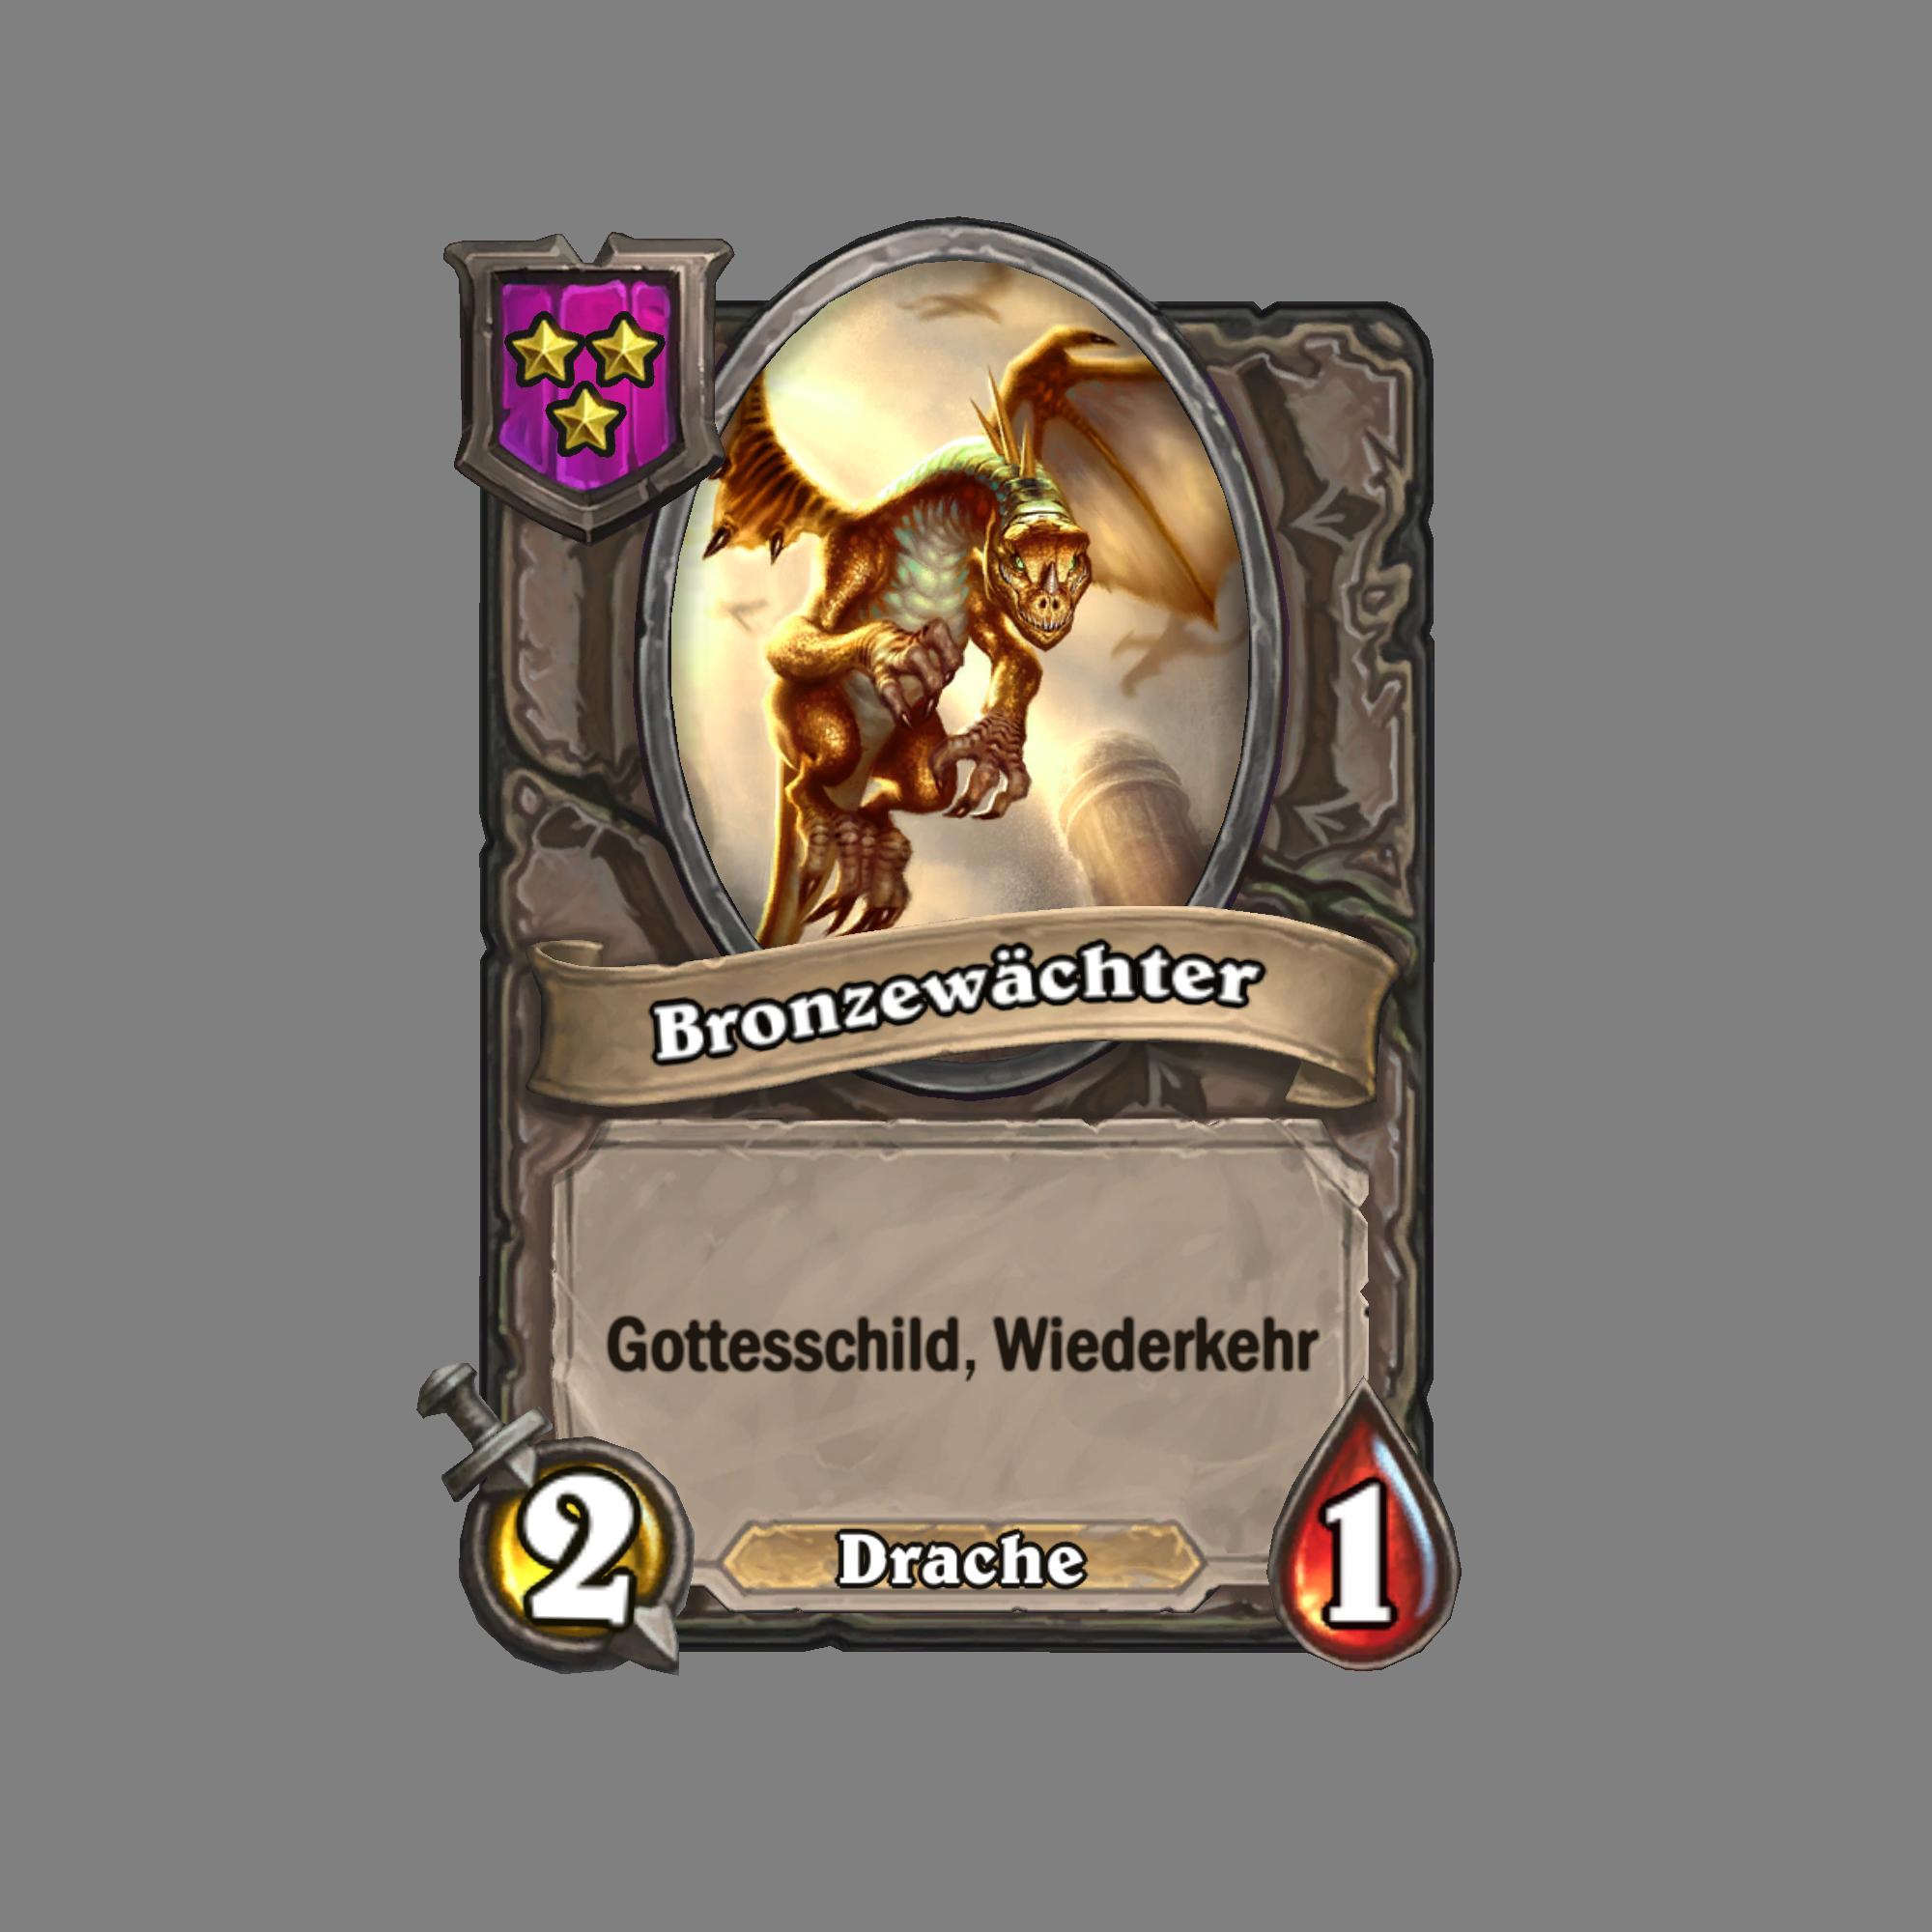 Bronzewächter